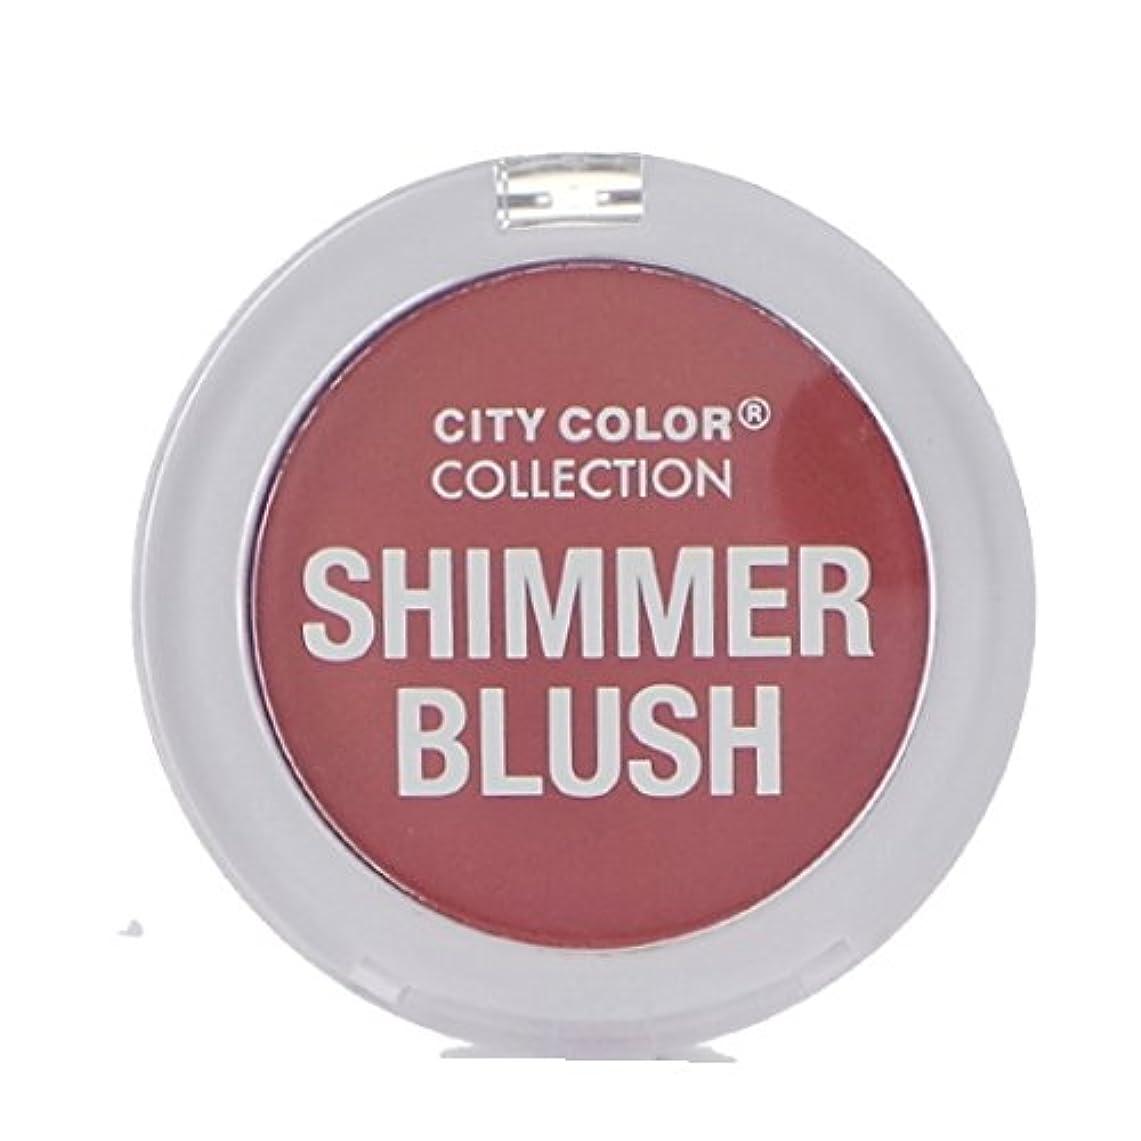 ソーダ水スロープ眠いですCITY COLOR Shimmer Blush - Mauve (並行輸入品)